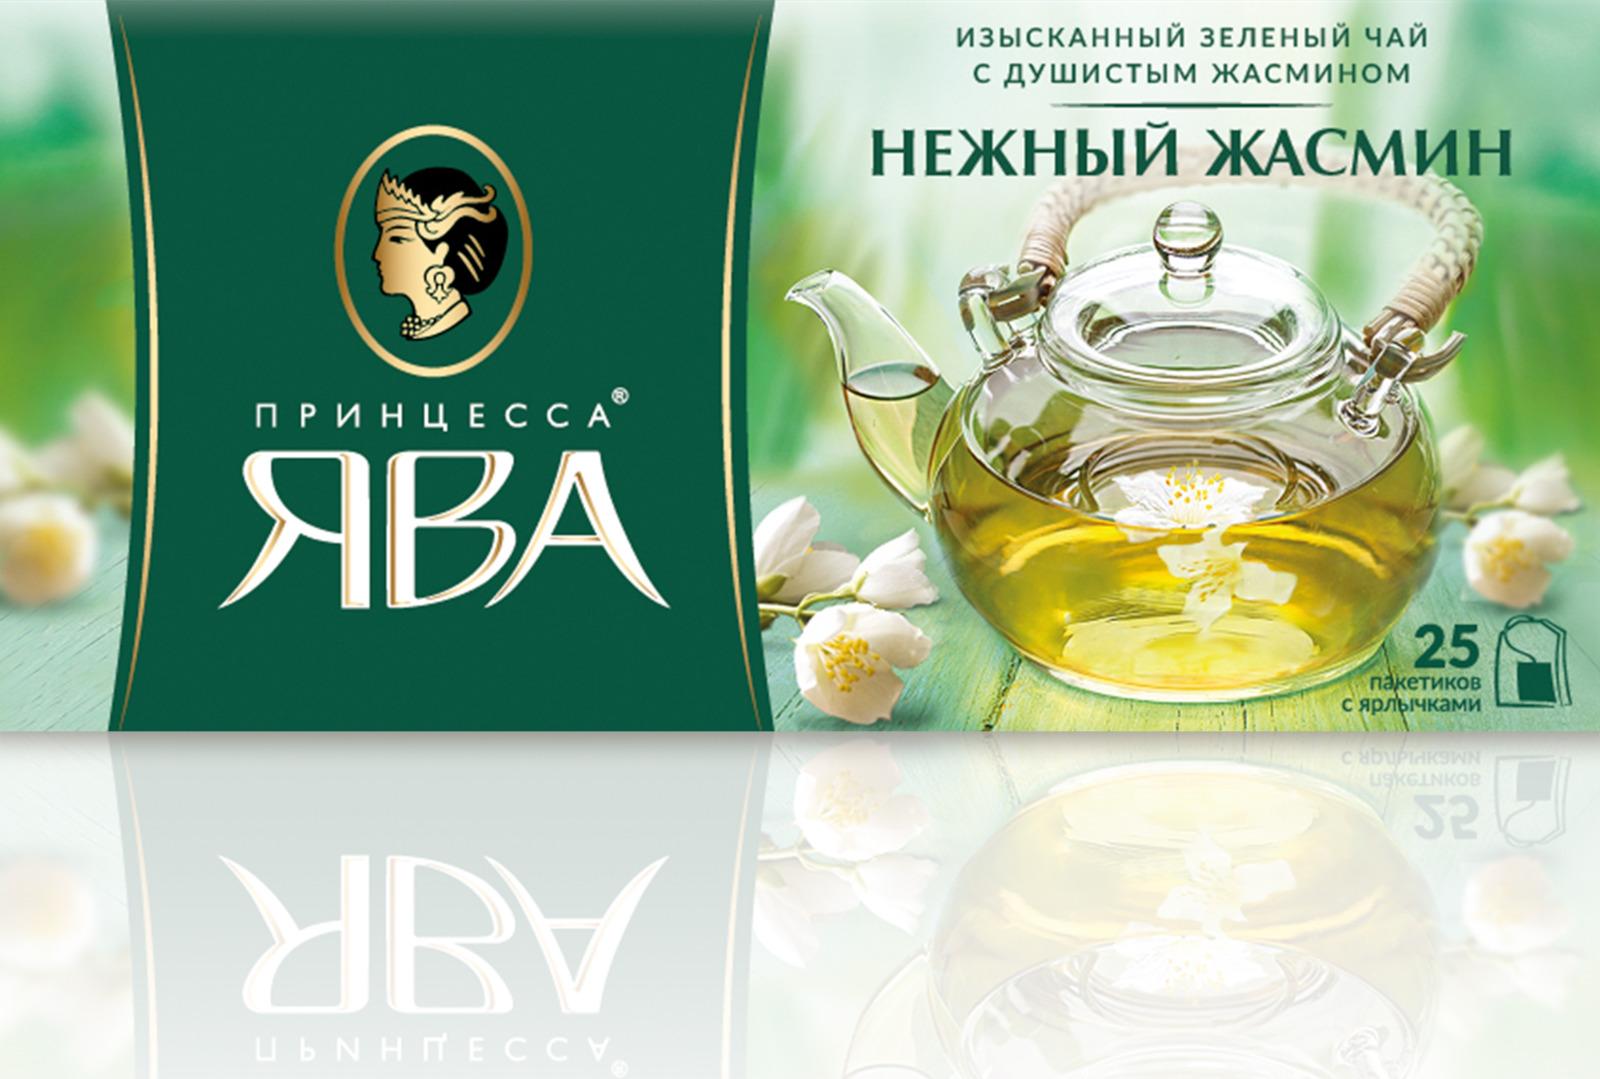 Зеленый ароматизированный чай в пакетиках Принцесса Ява Нежный Жасмин, 25 шт